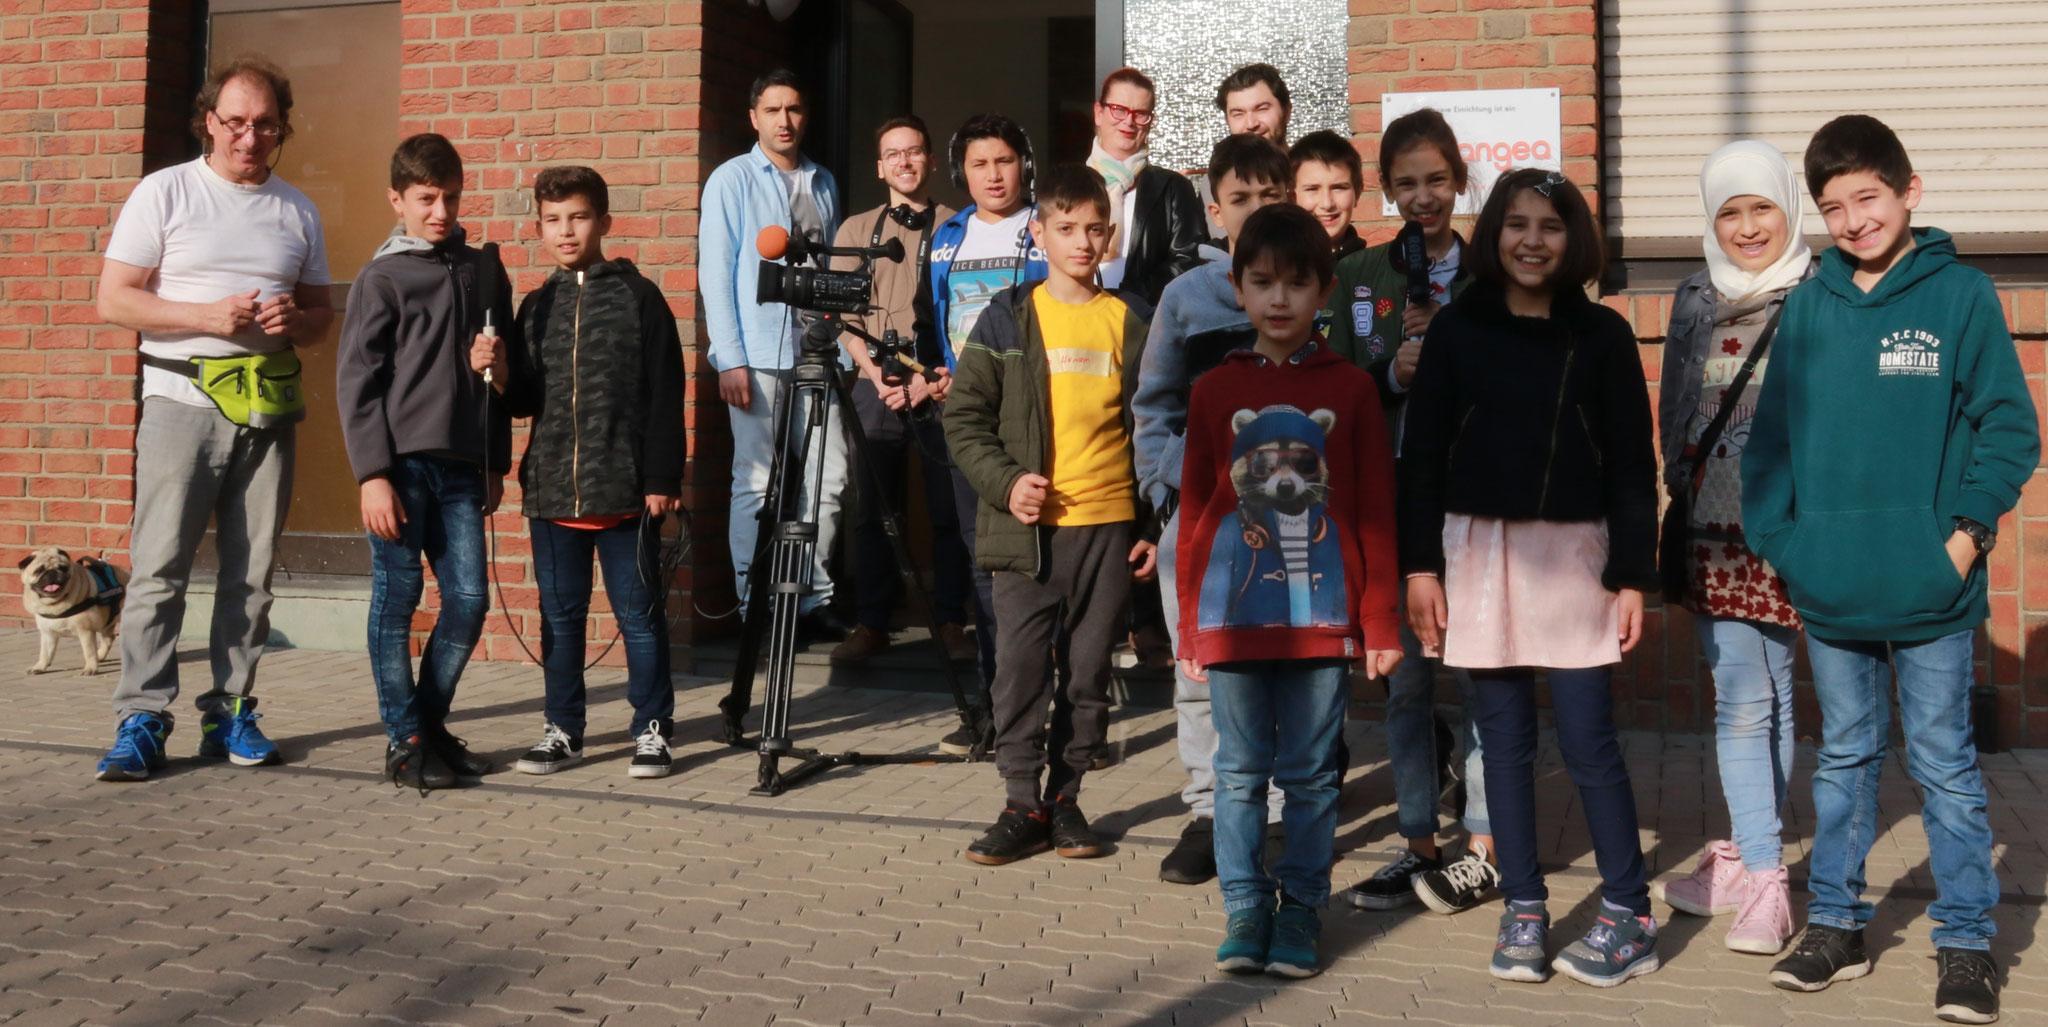 volle Mannschaftsstärke: Unsere Kinder mit unseren Unterstützern